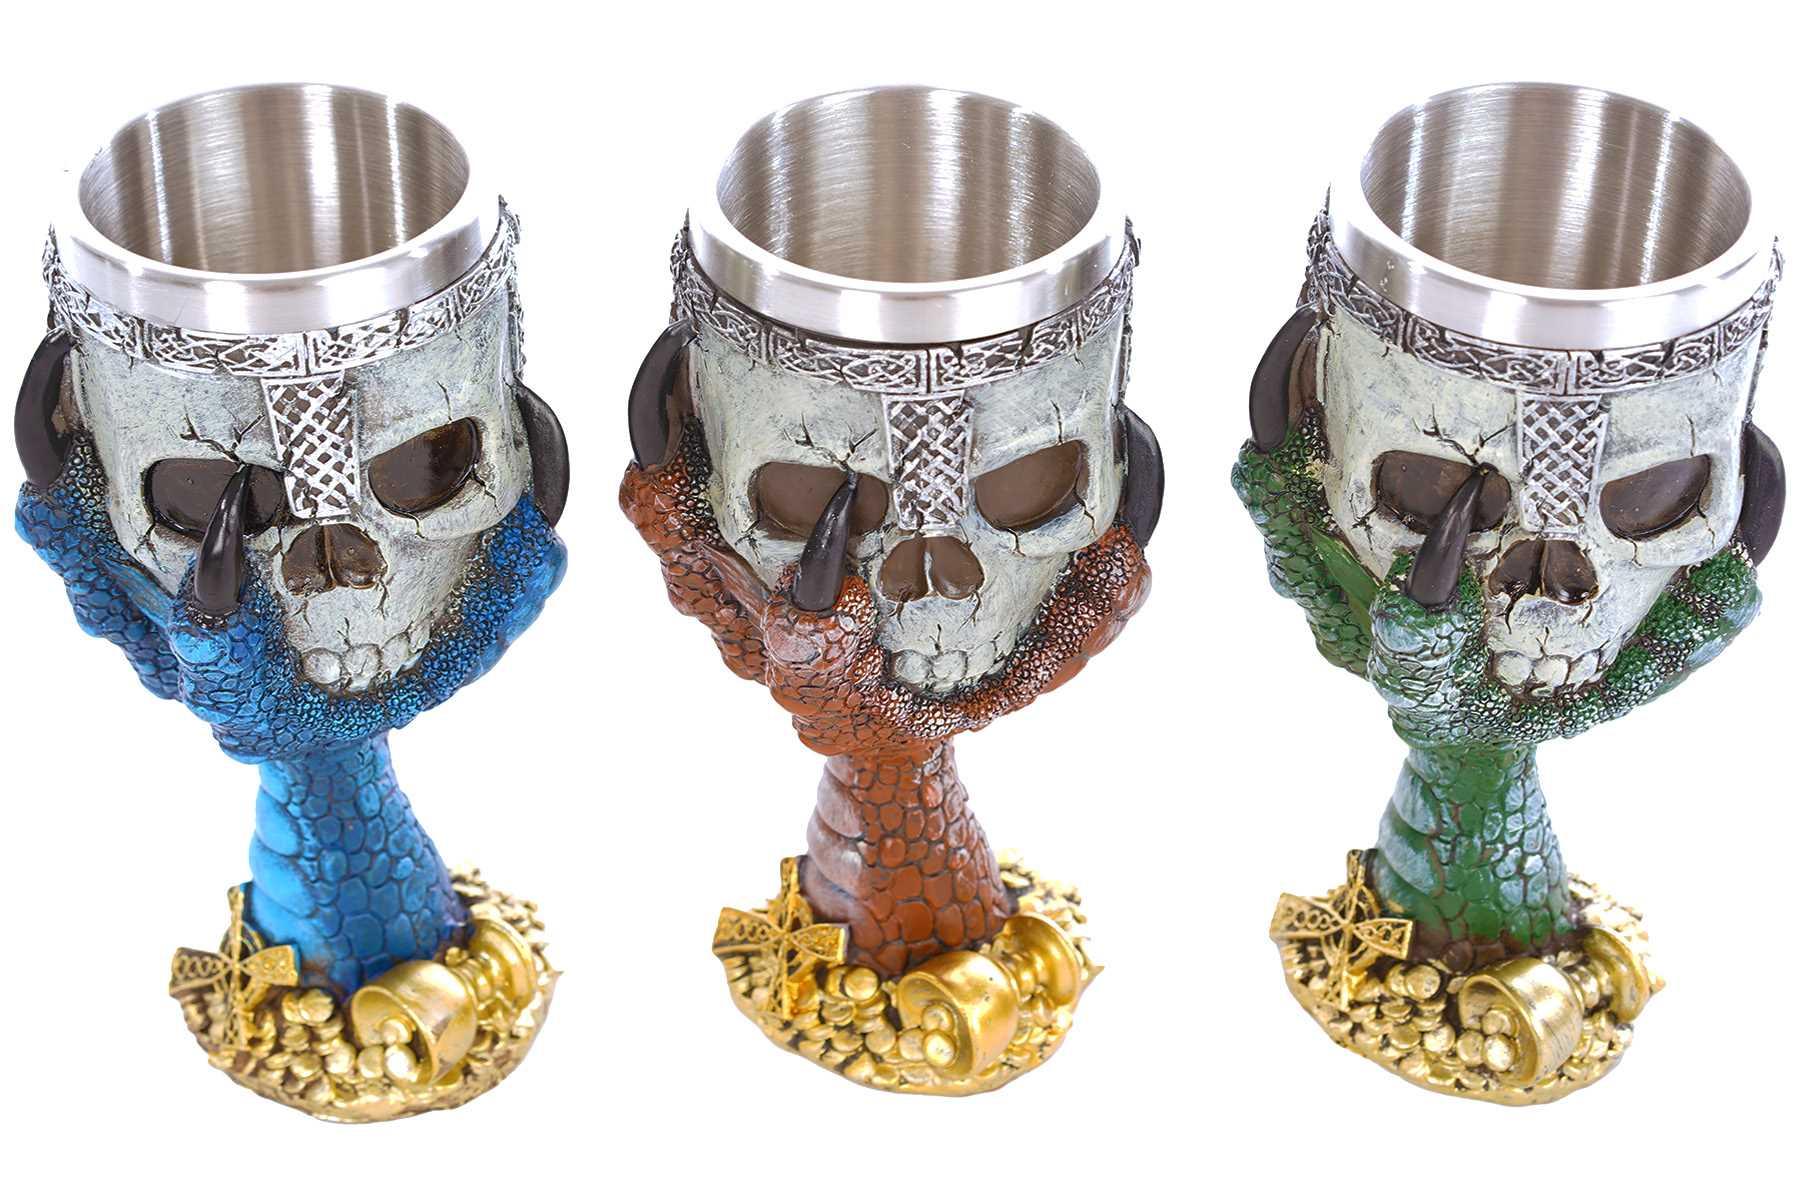 deko wein kelch 18 cm dragon claw trink kelch fantasy gothic skull gr n. Black Bedroom Furniture Sets. Home Design Ideas